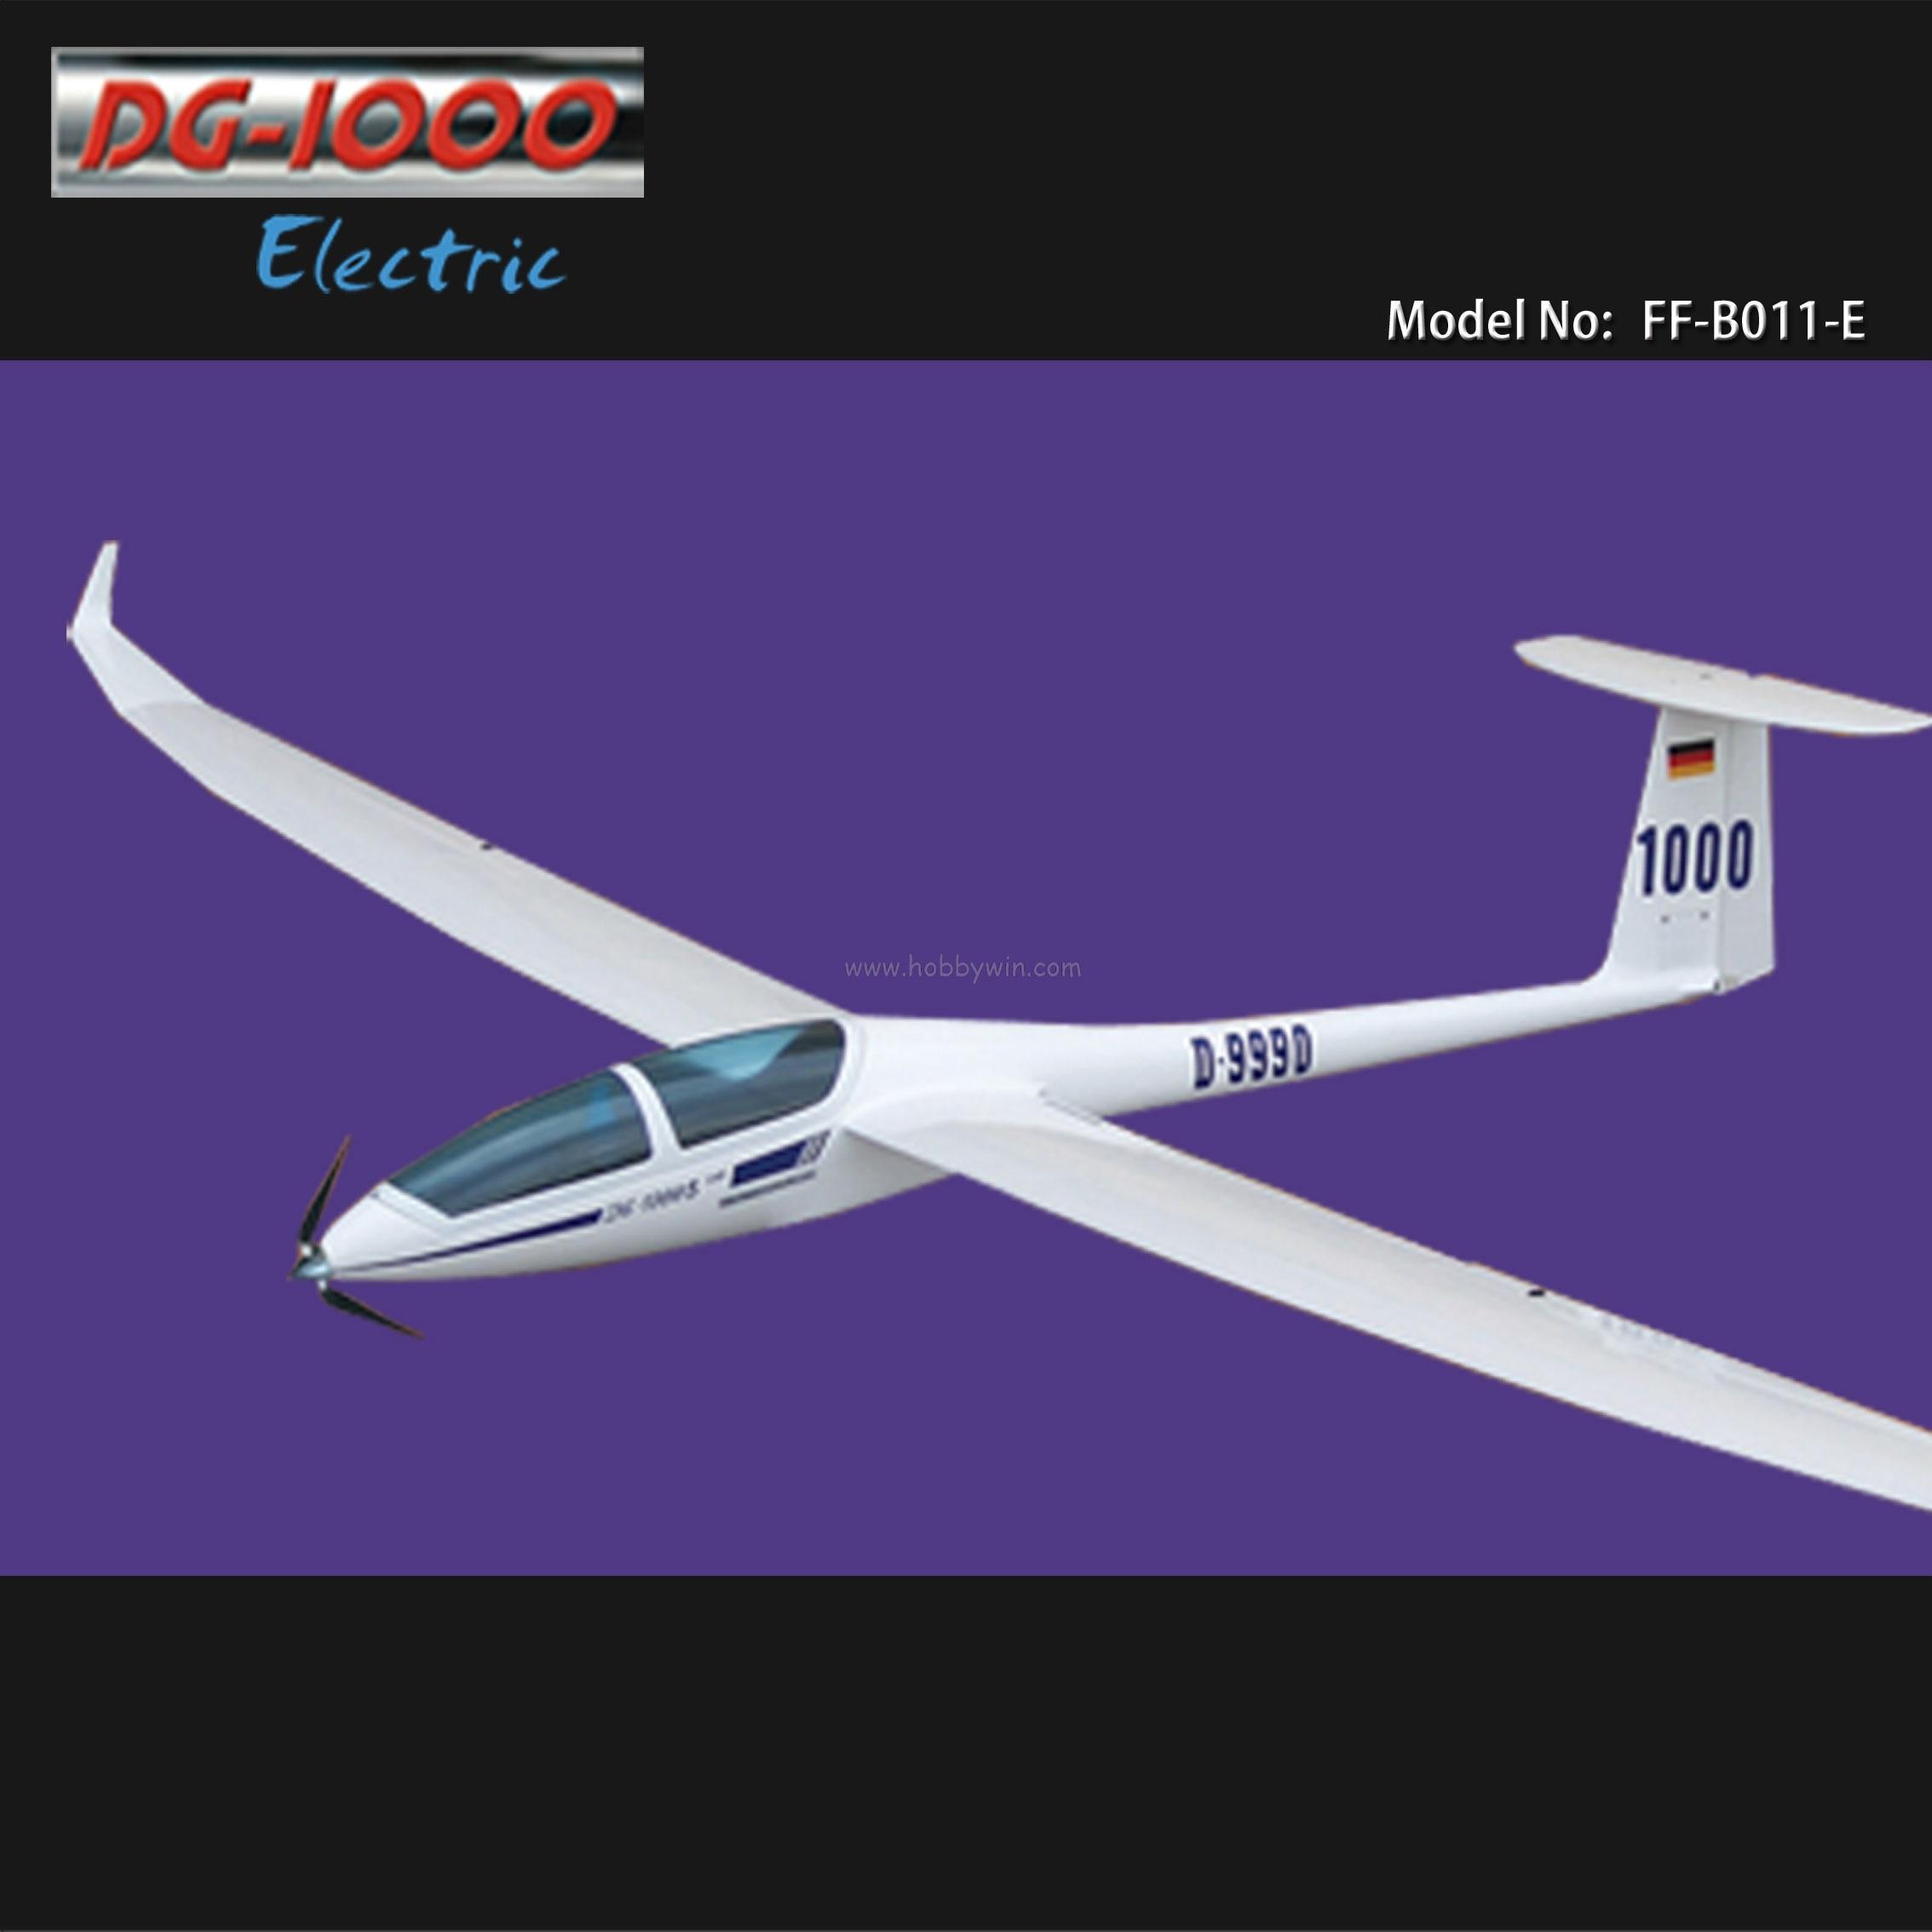 DG-1000 Электрический планер 2630 мм Стекловолокно Fuselage& деревянные крылья RC модель парусник